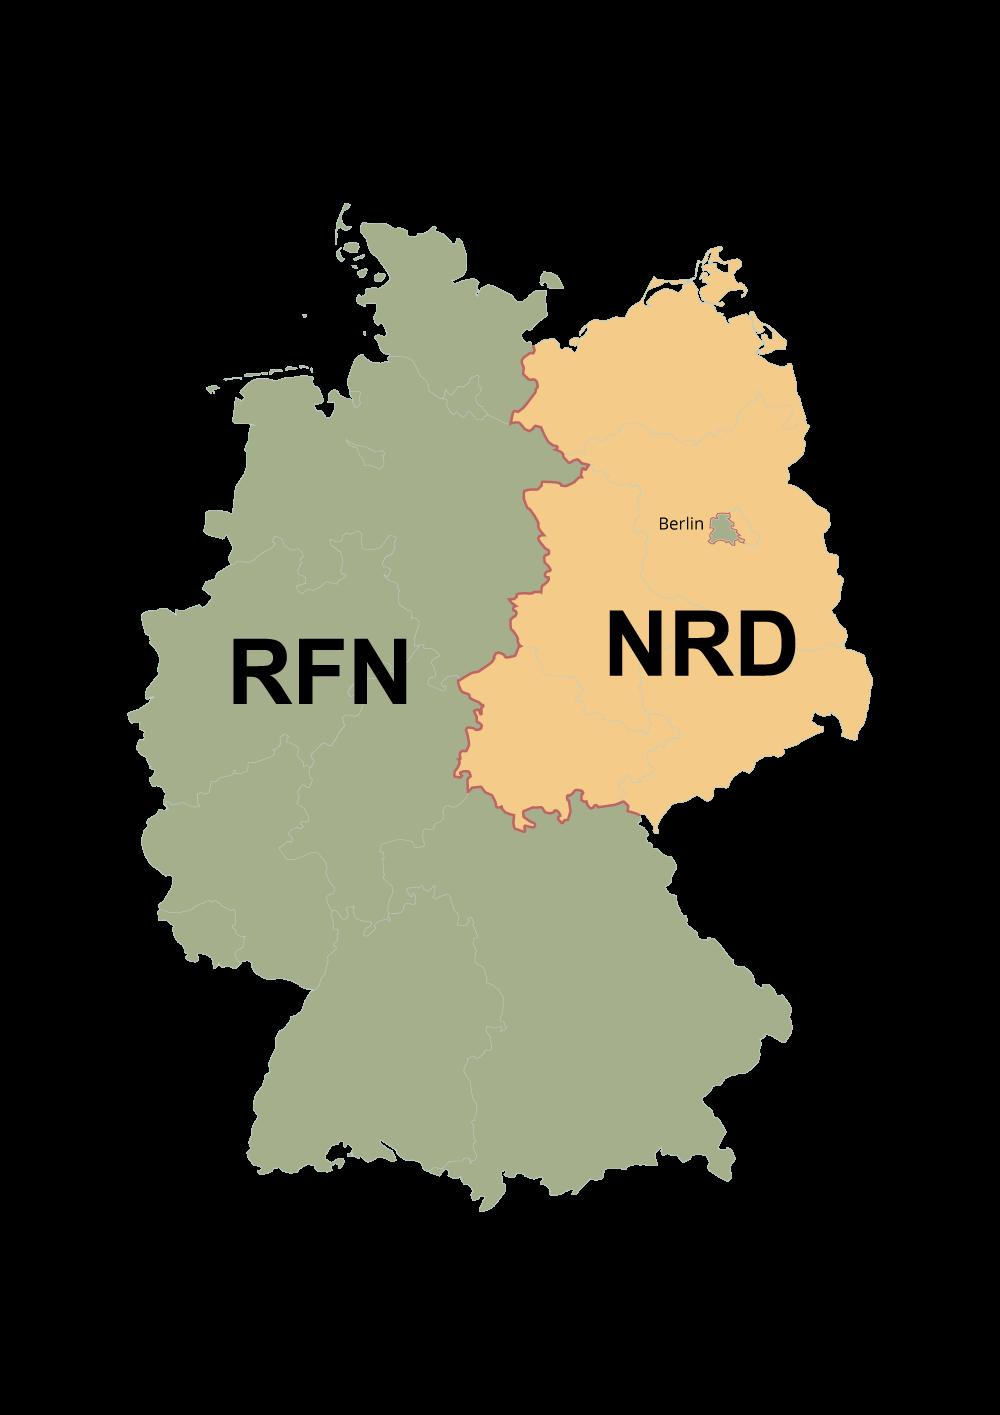 Podział Niemiec na RFN iNRD.